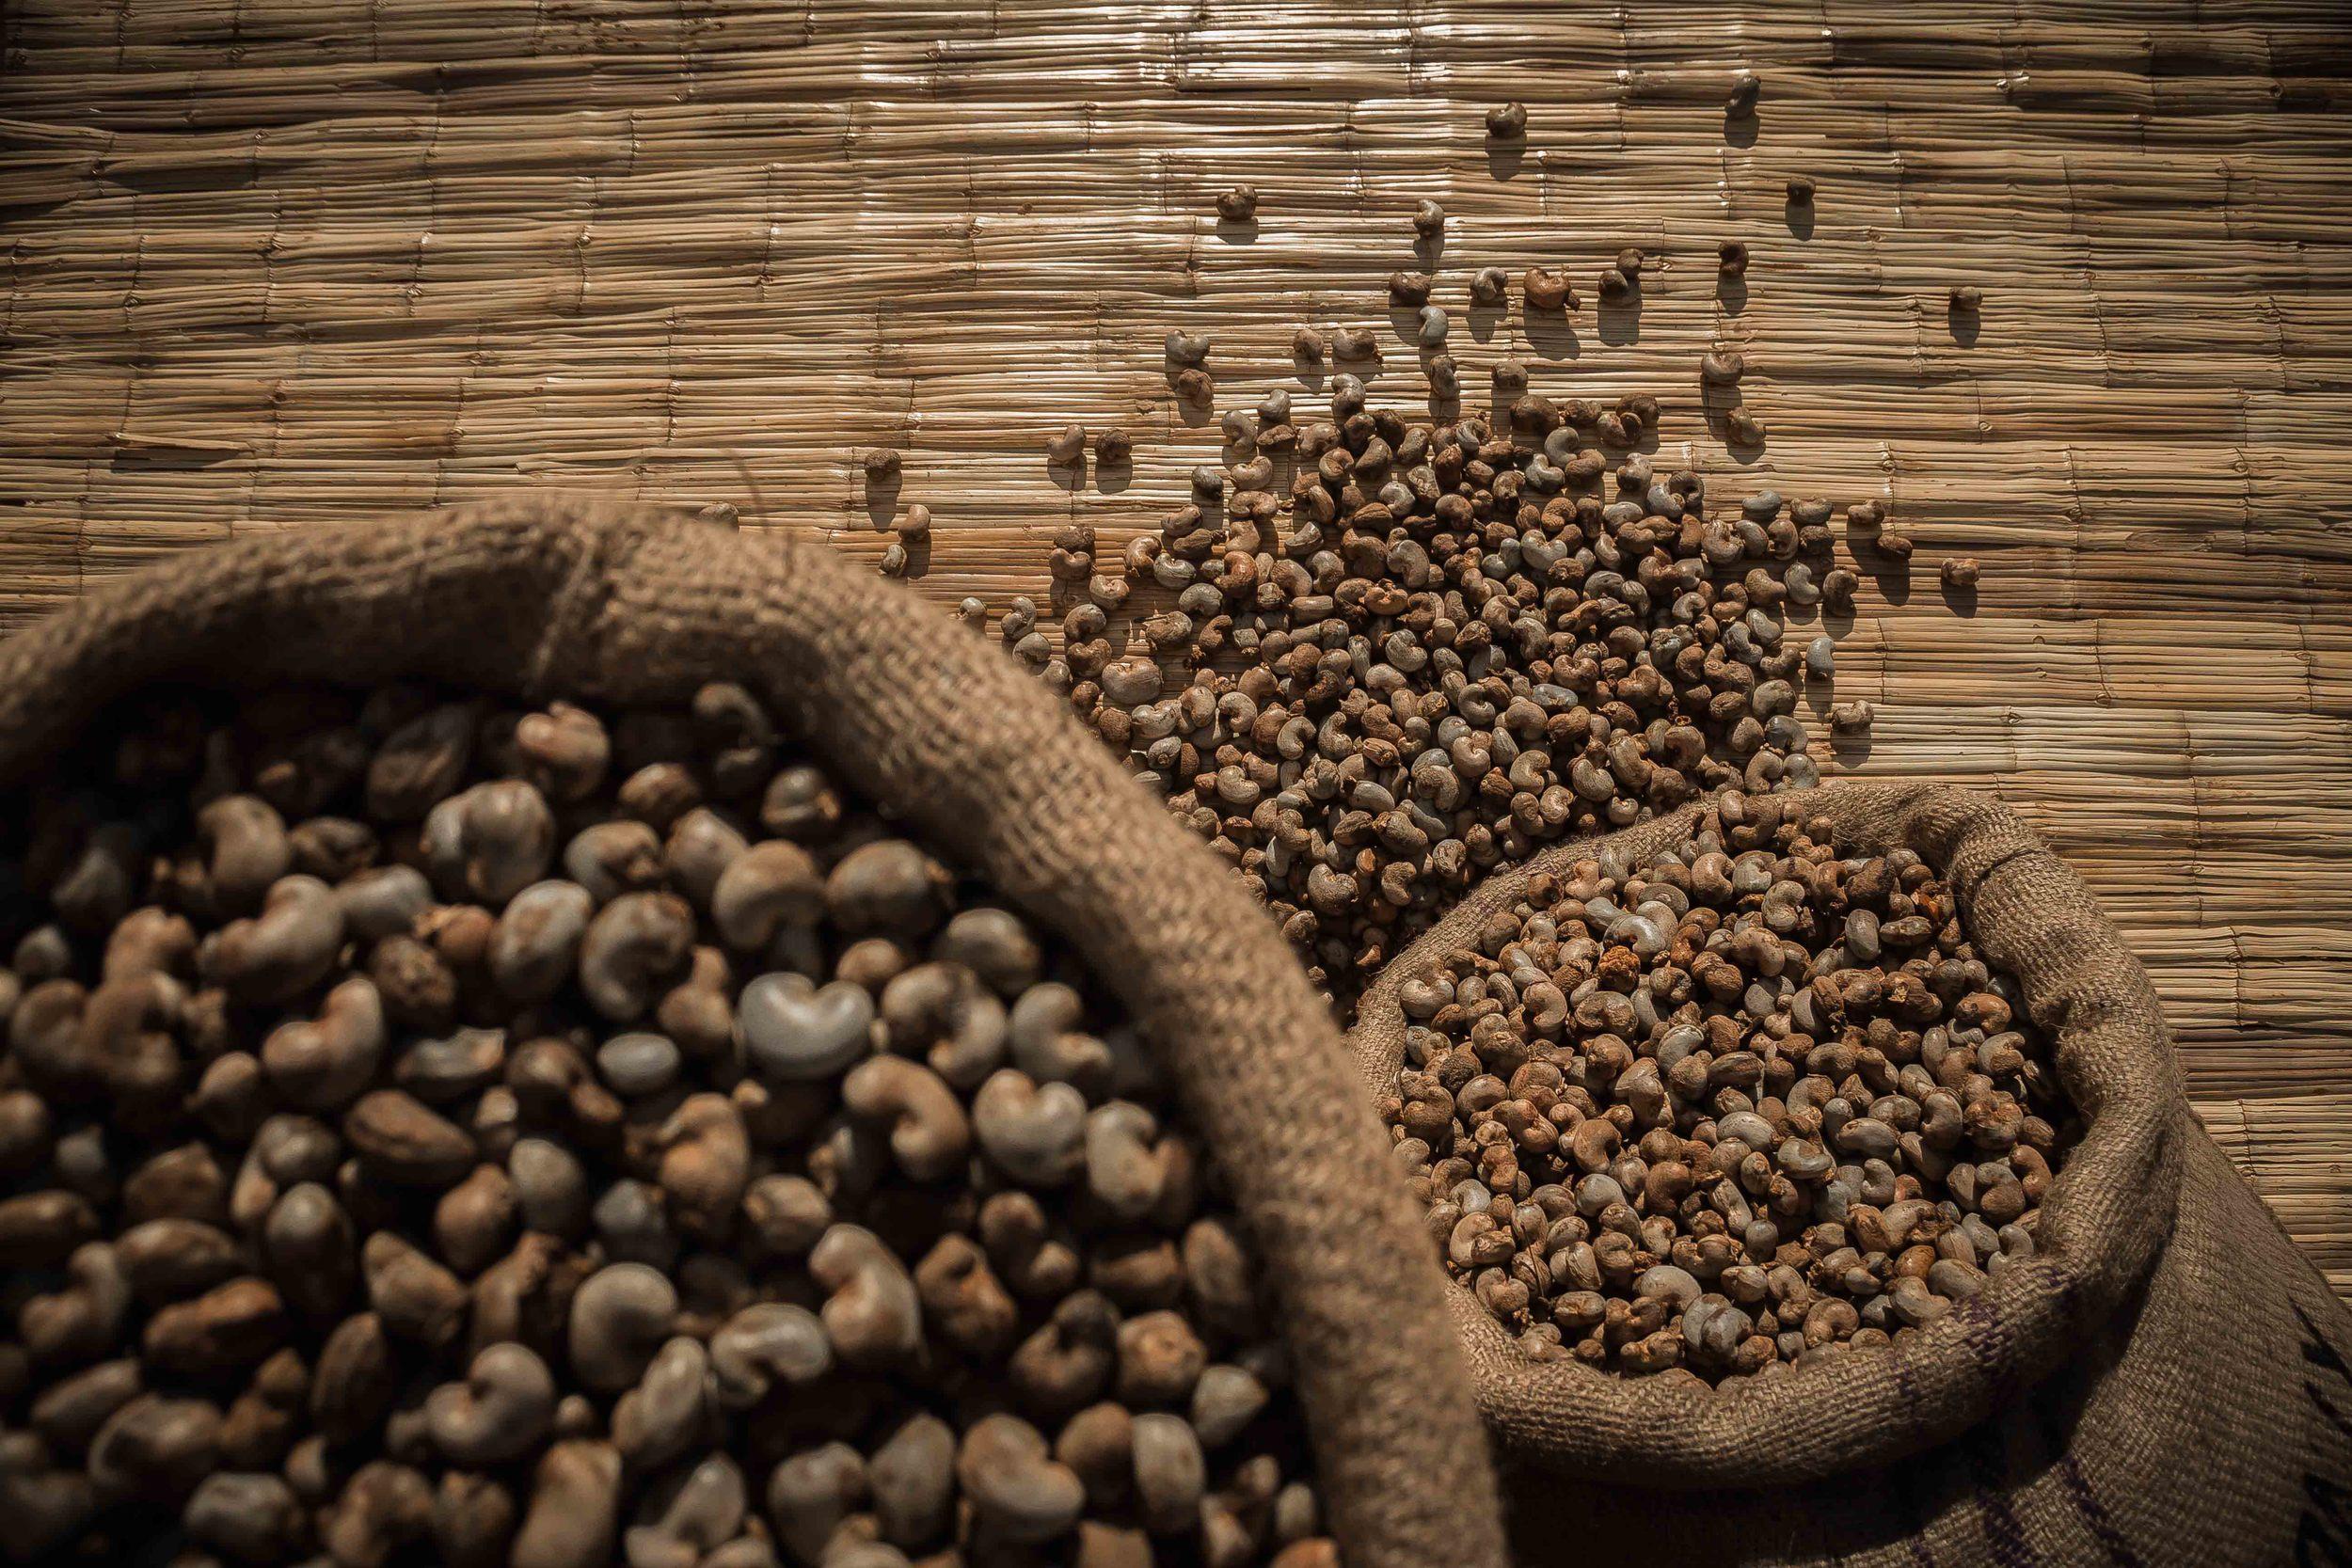 Mogovolas district, Nampula   province  – Raw cashew nut in sacks ready to be sold |  Castanha de caju nos sacos pronto para ser vendido